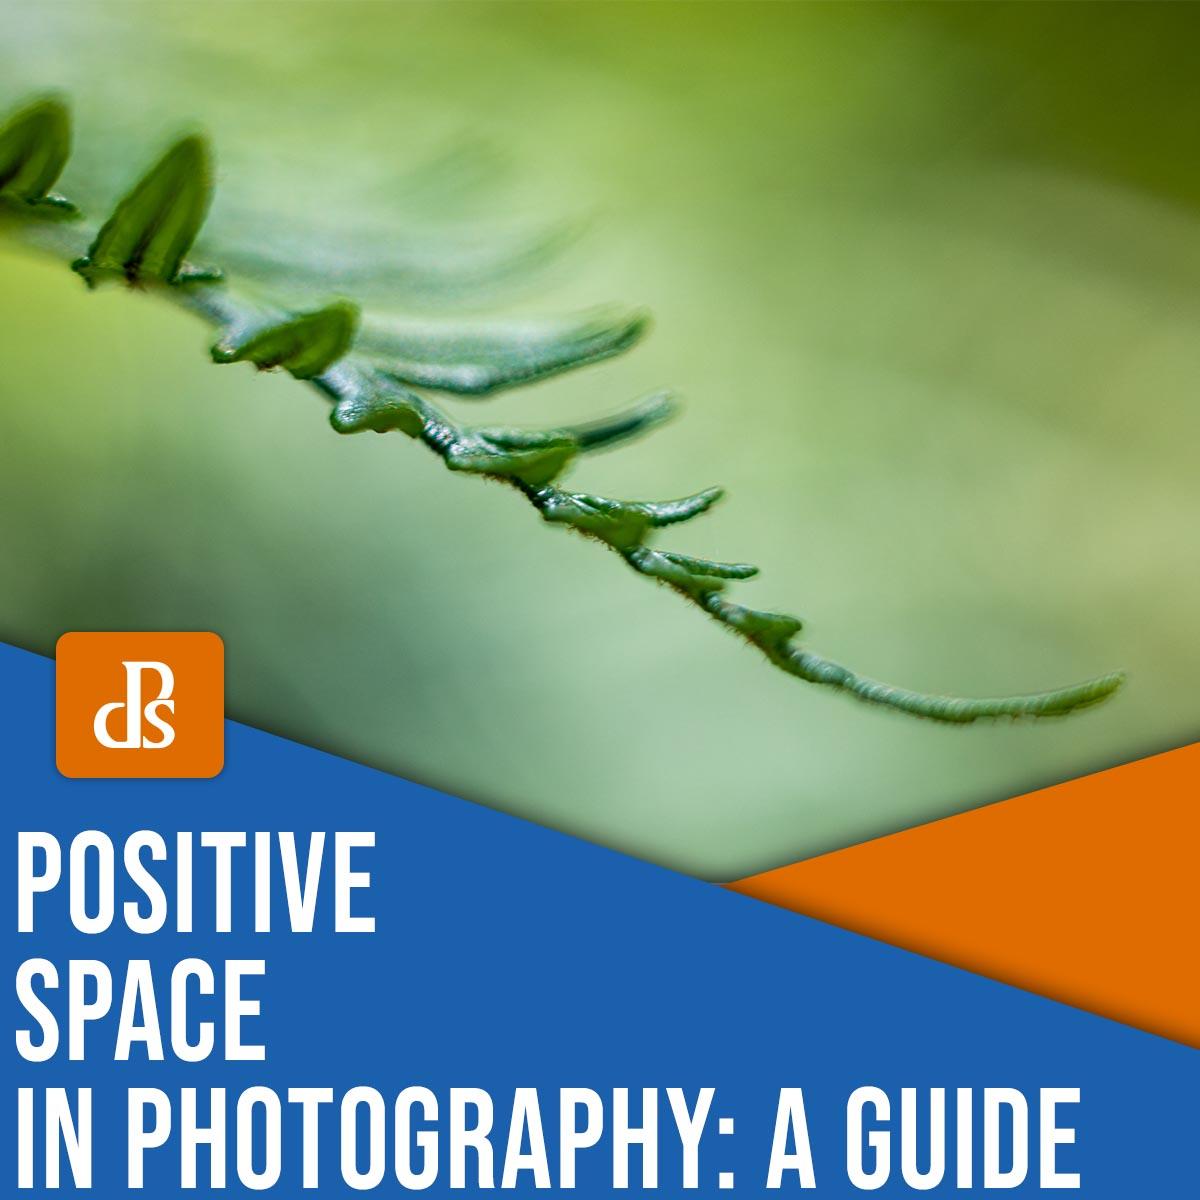 מרחב חיובי בצילום: מדריך